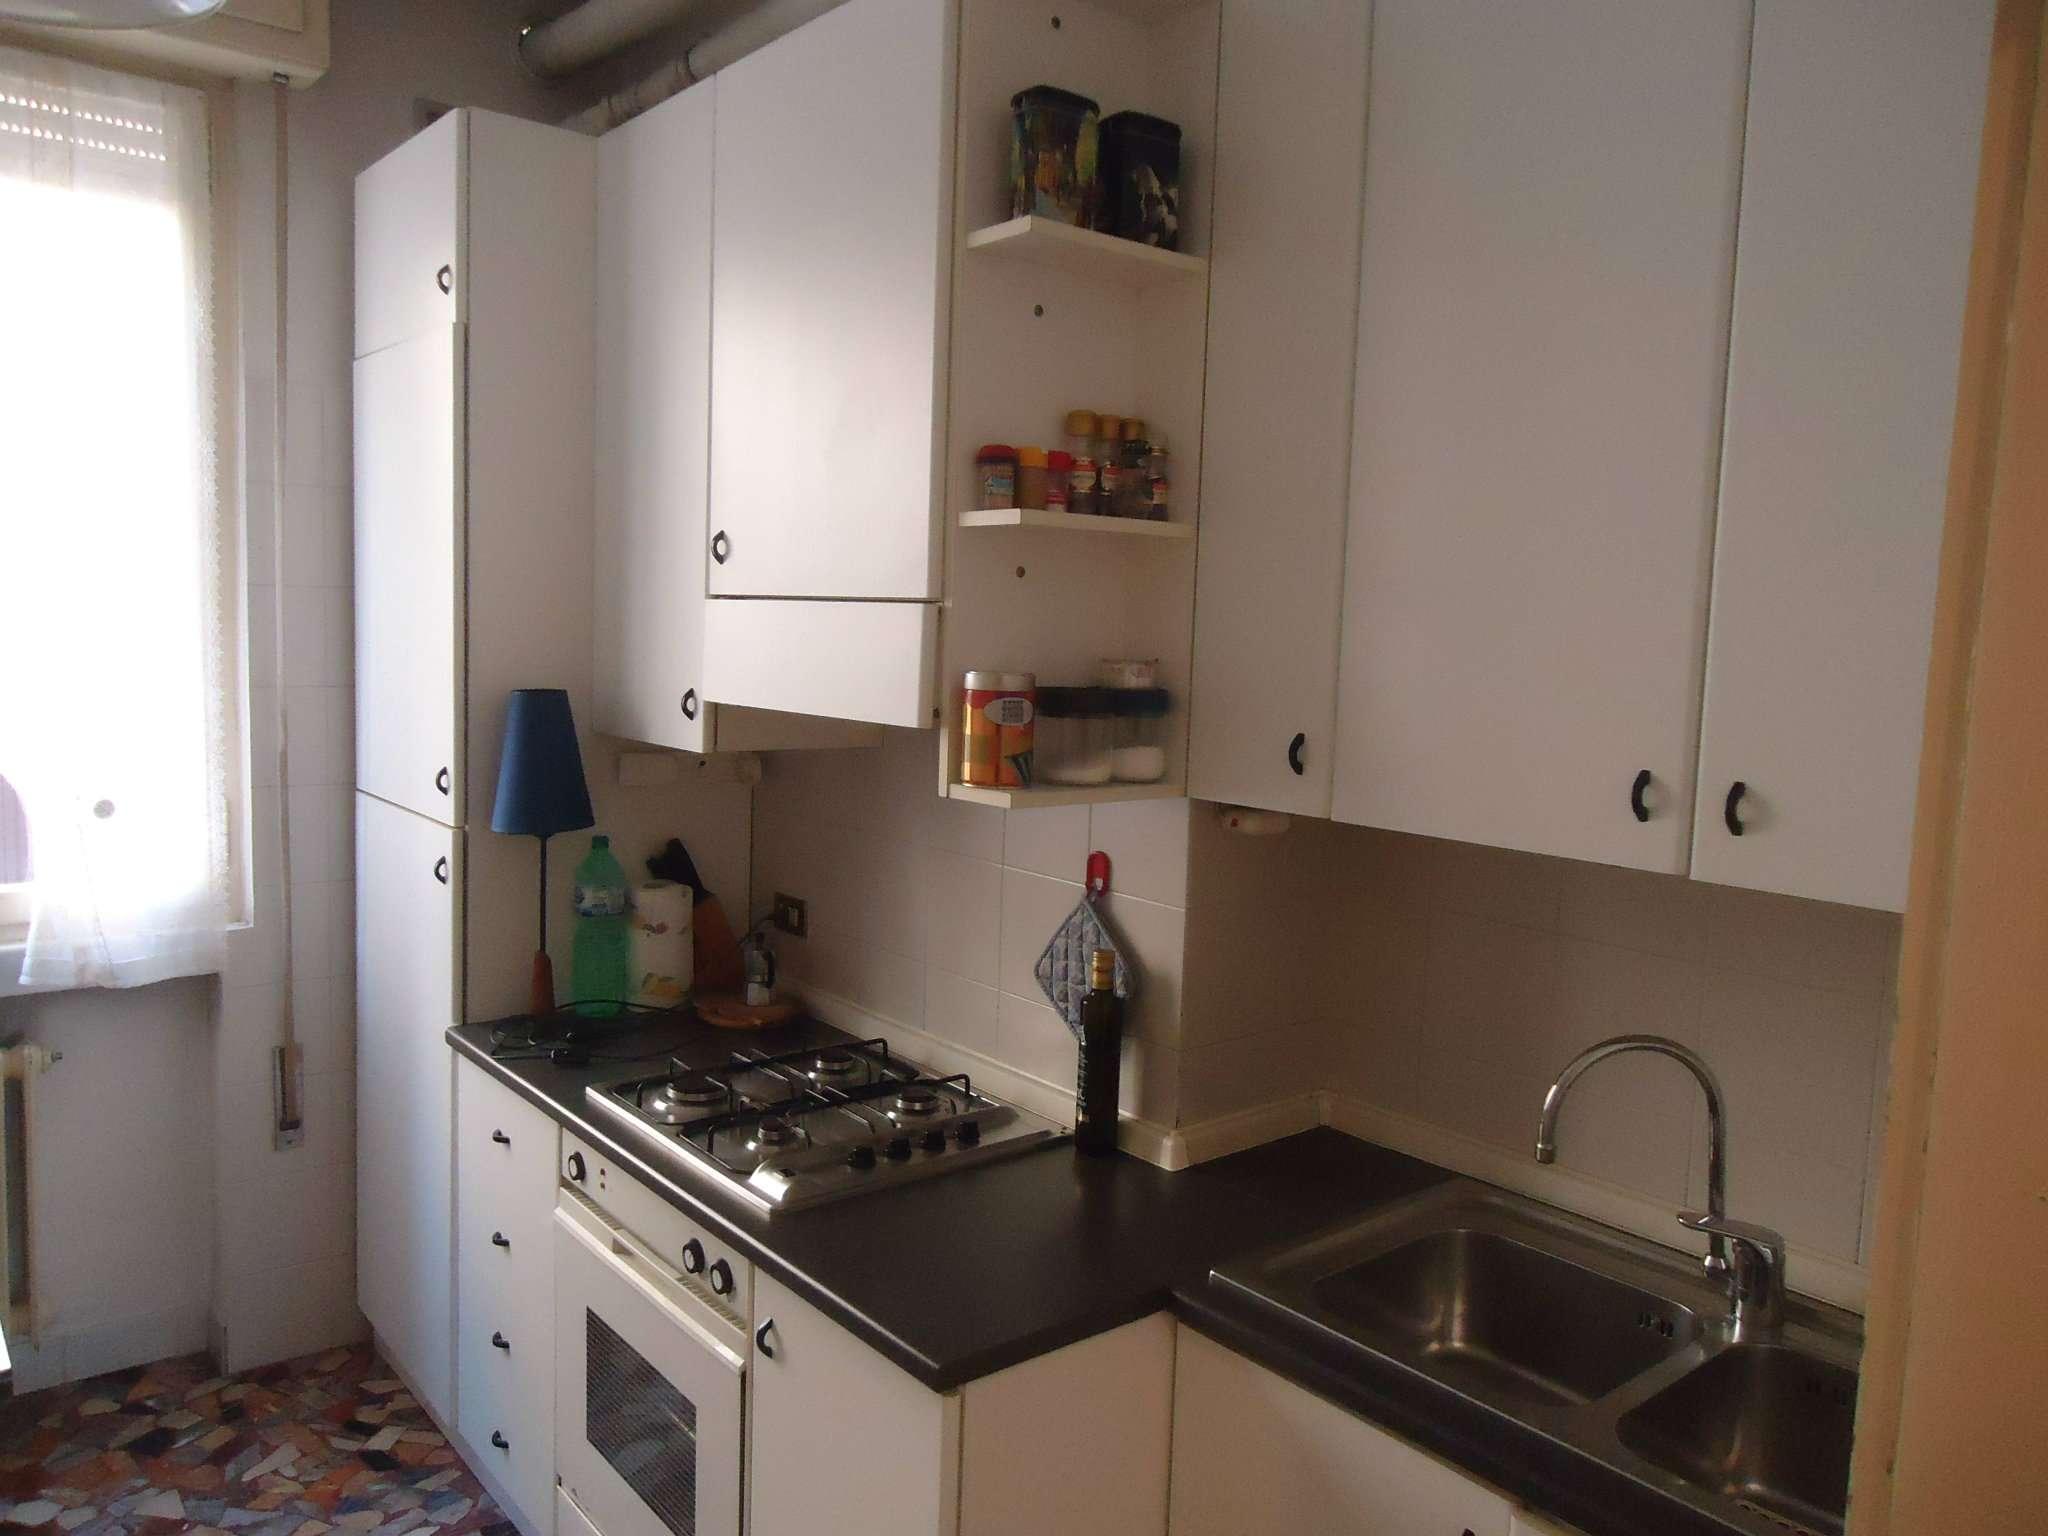 Appartamento in vendita a Padova, 4 locali, zona Zona: 2 . Nord (Arcella, S.Carlo, Pontevigodarzere), prezzo € 65.000 | CambioCasa.it